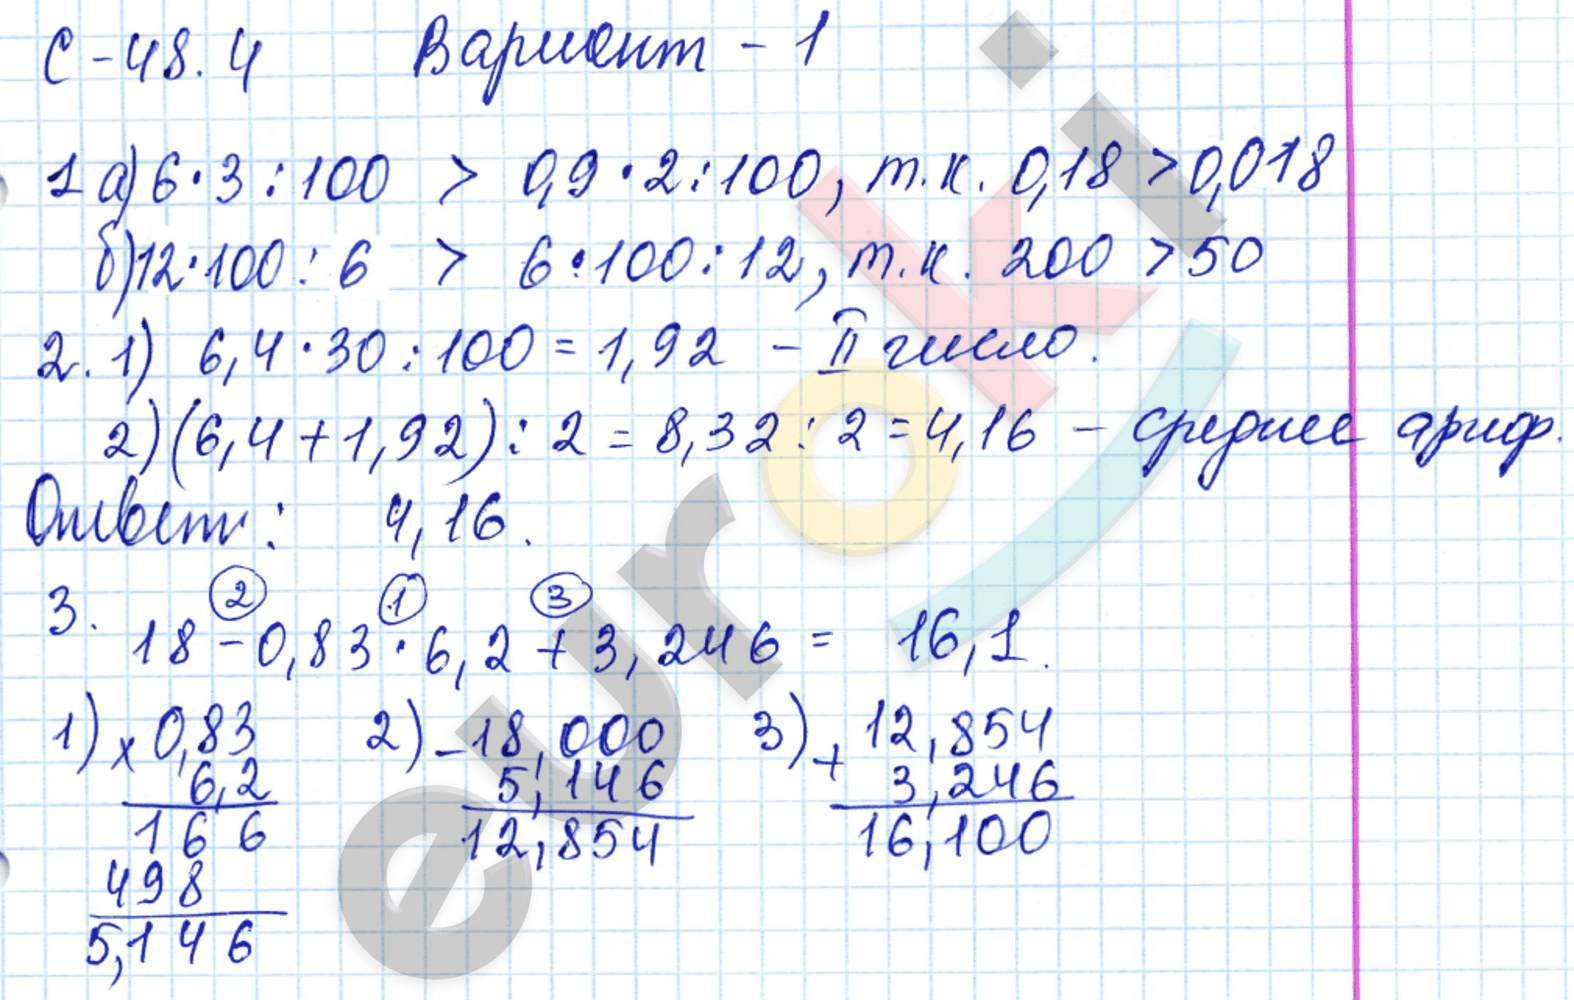 ГДЗ по математике 5 класс самостоятельные работы Зубарева, Мильштейн, Шанцева Тема 4. Десятичные дроби, С-48.4. Задачи на проценты. Задание: Вариант 1